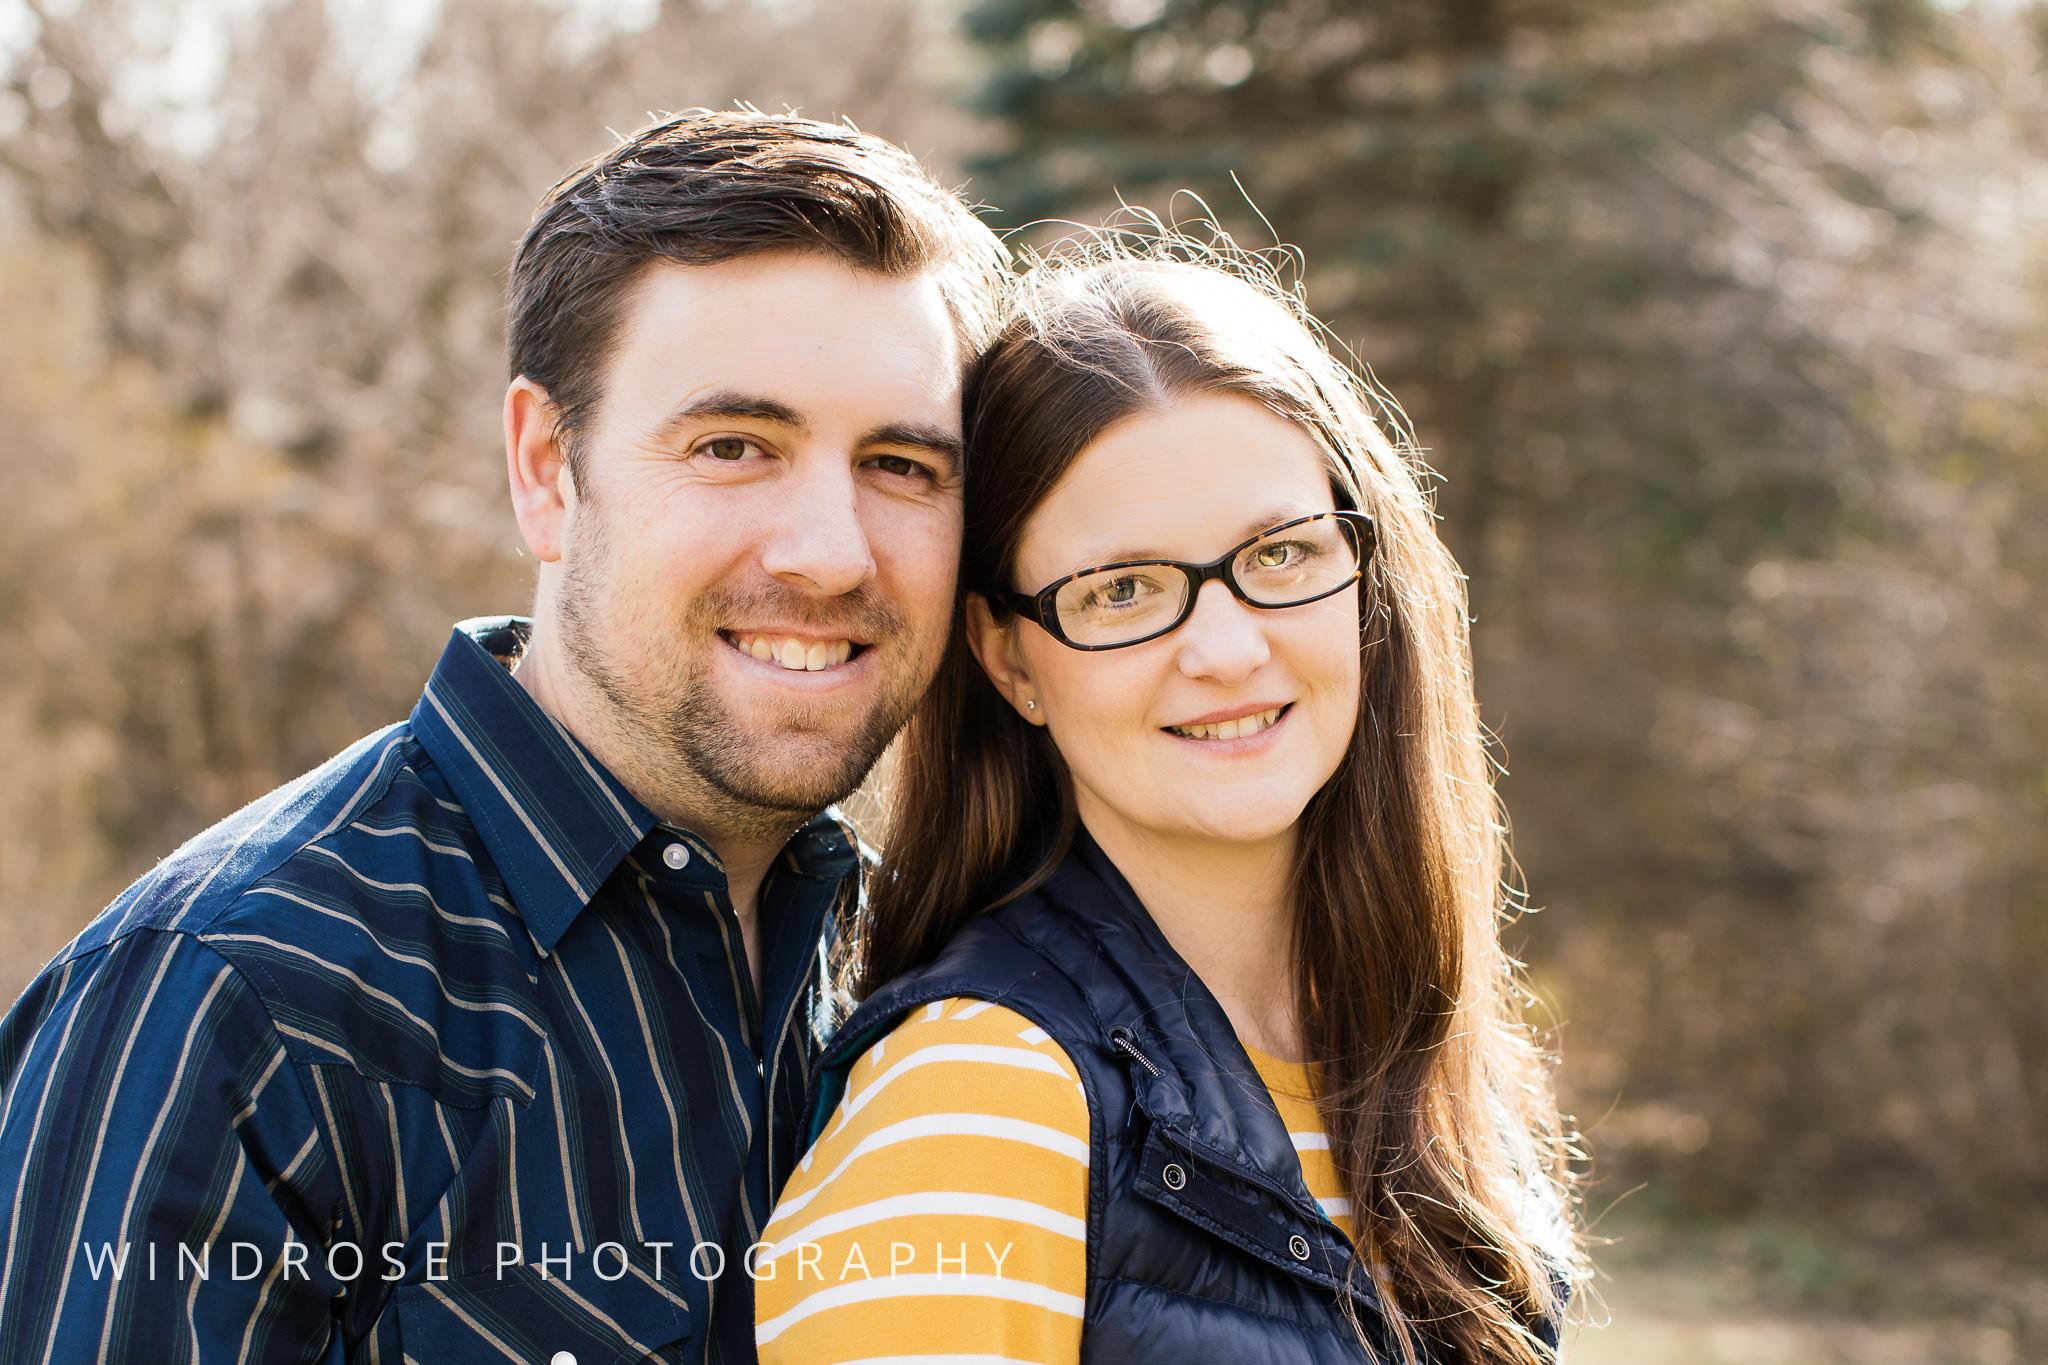 Rochester-MN-Family-Portraits-20.jpg